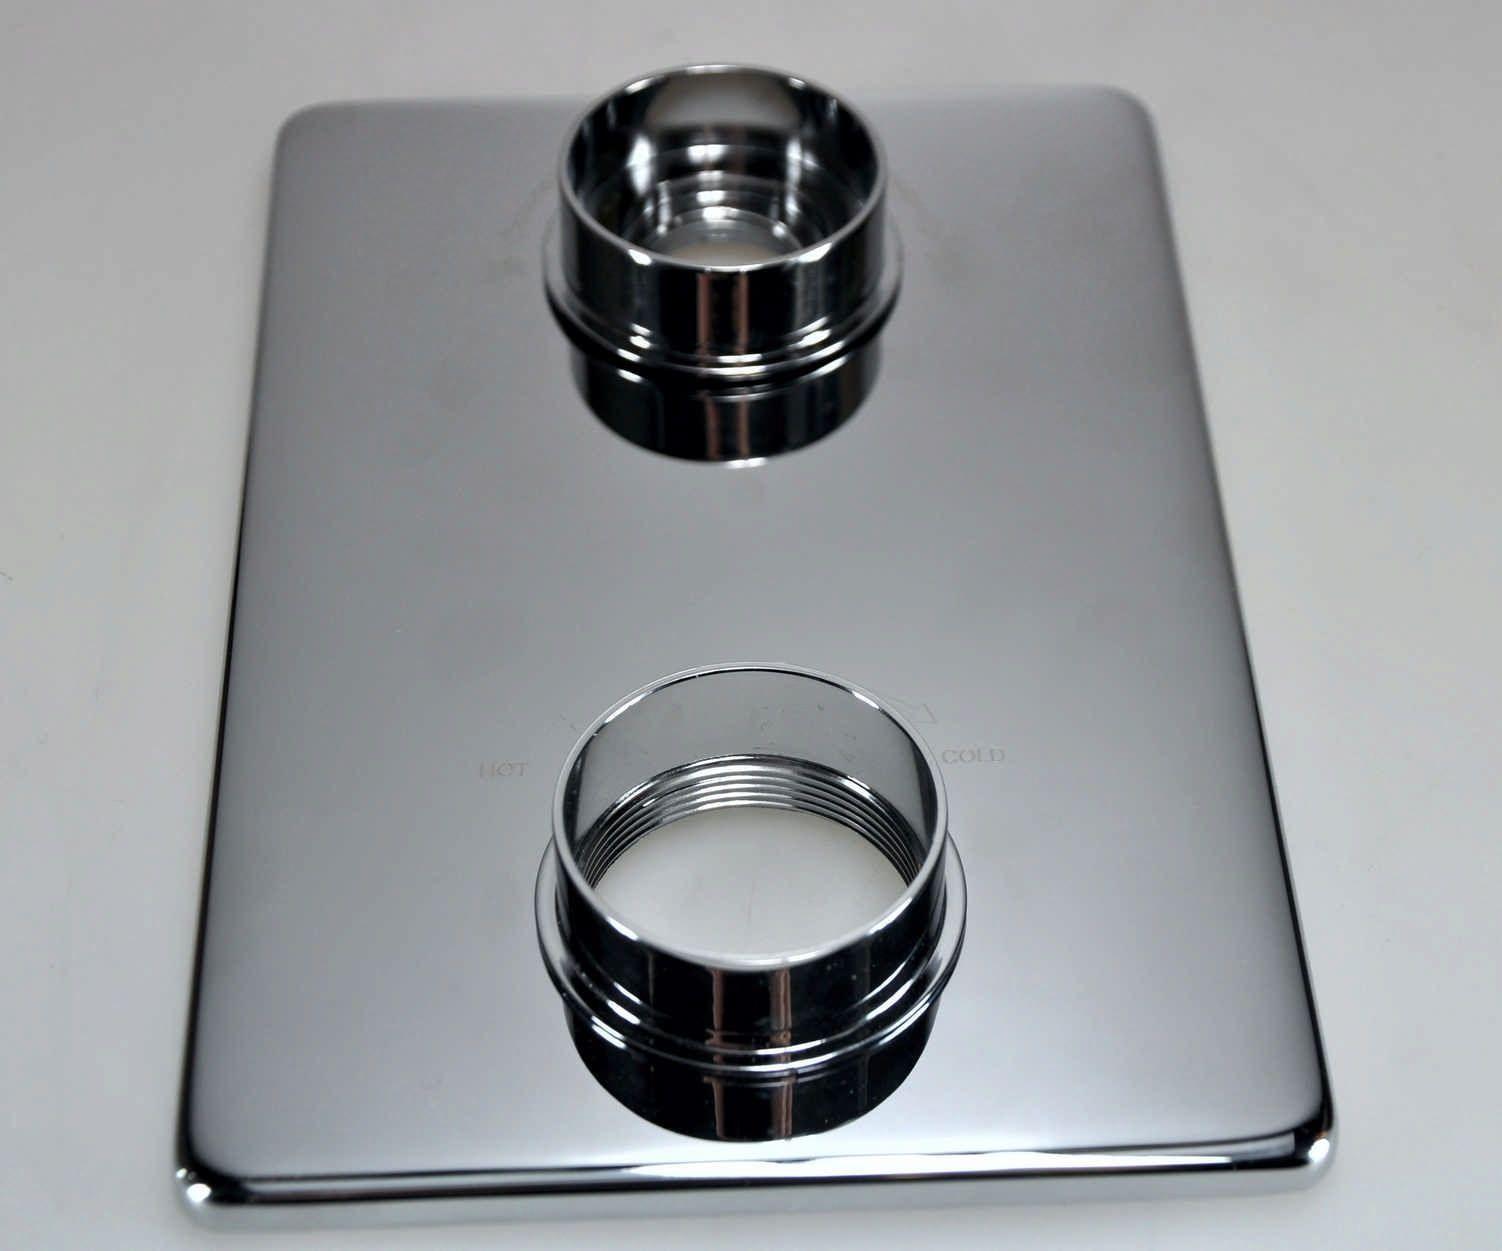 Wiesbaden 8mm verlengset voor 2 knops douchethermostaat chroom